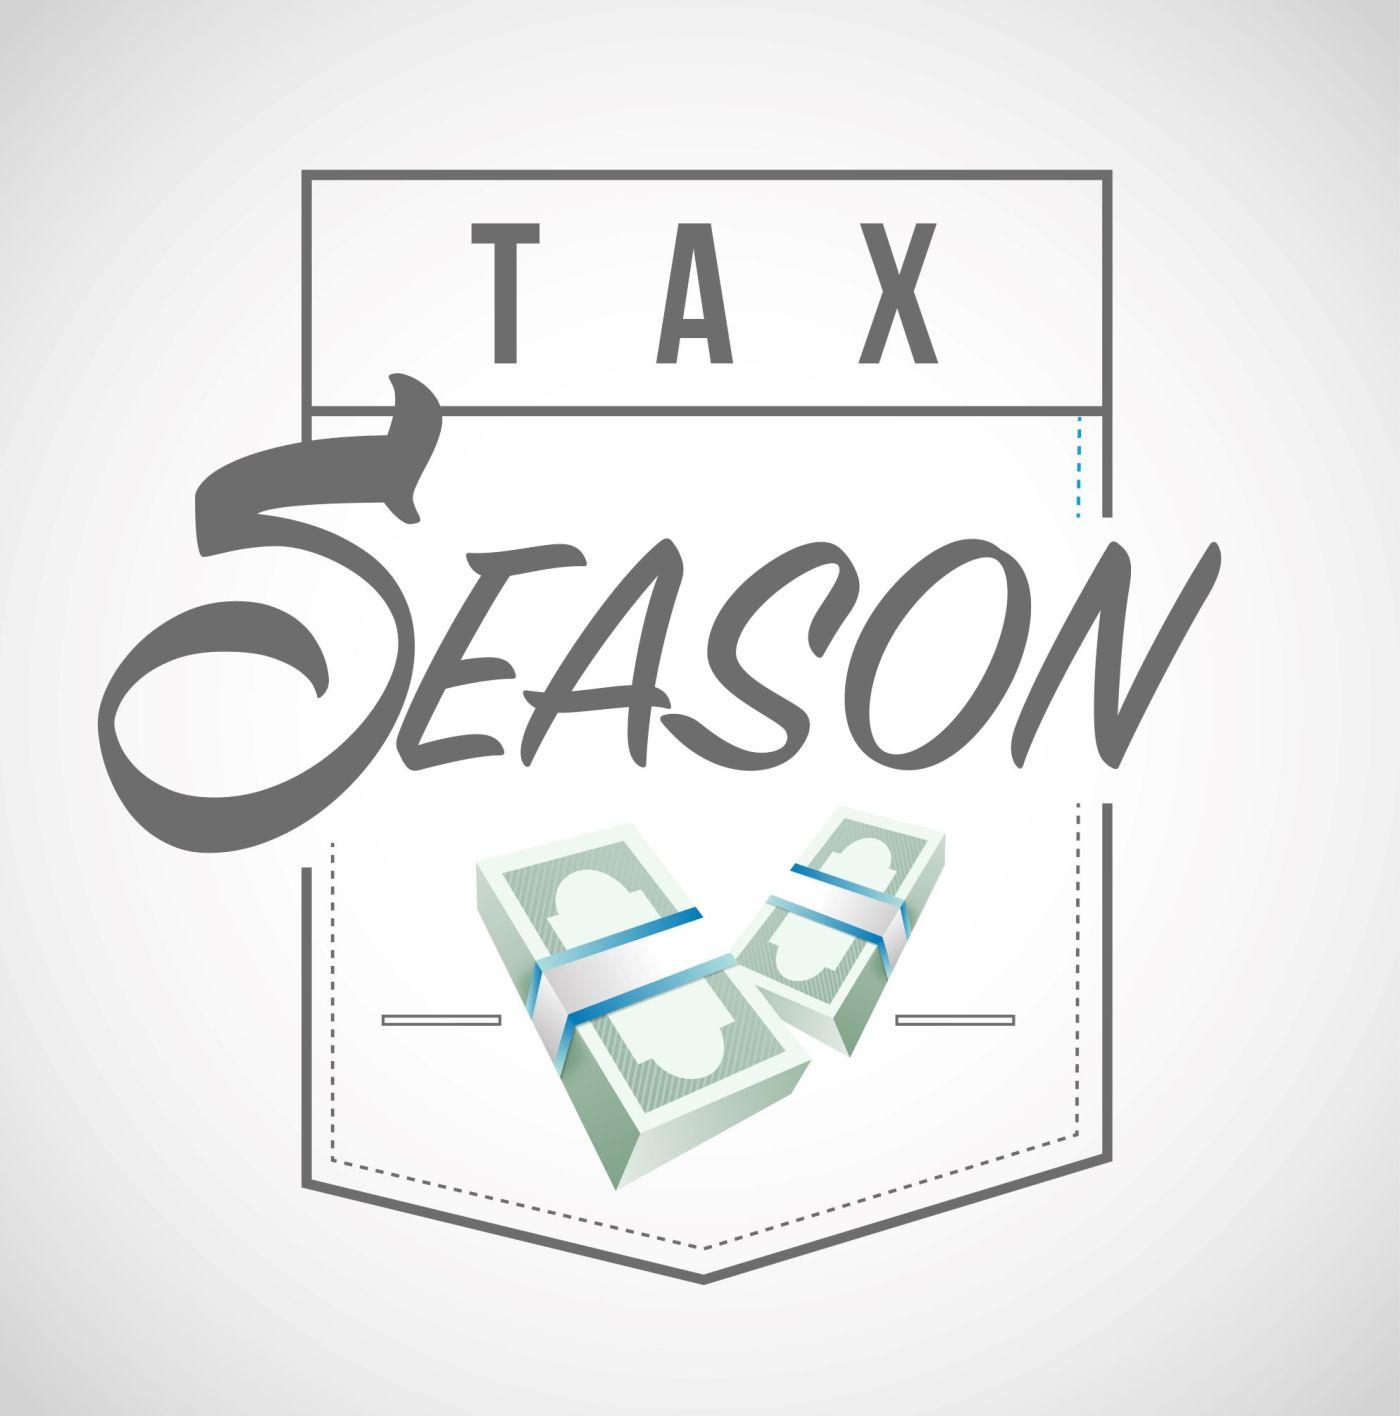 why tax season matters